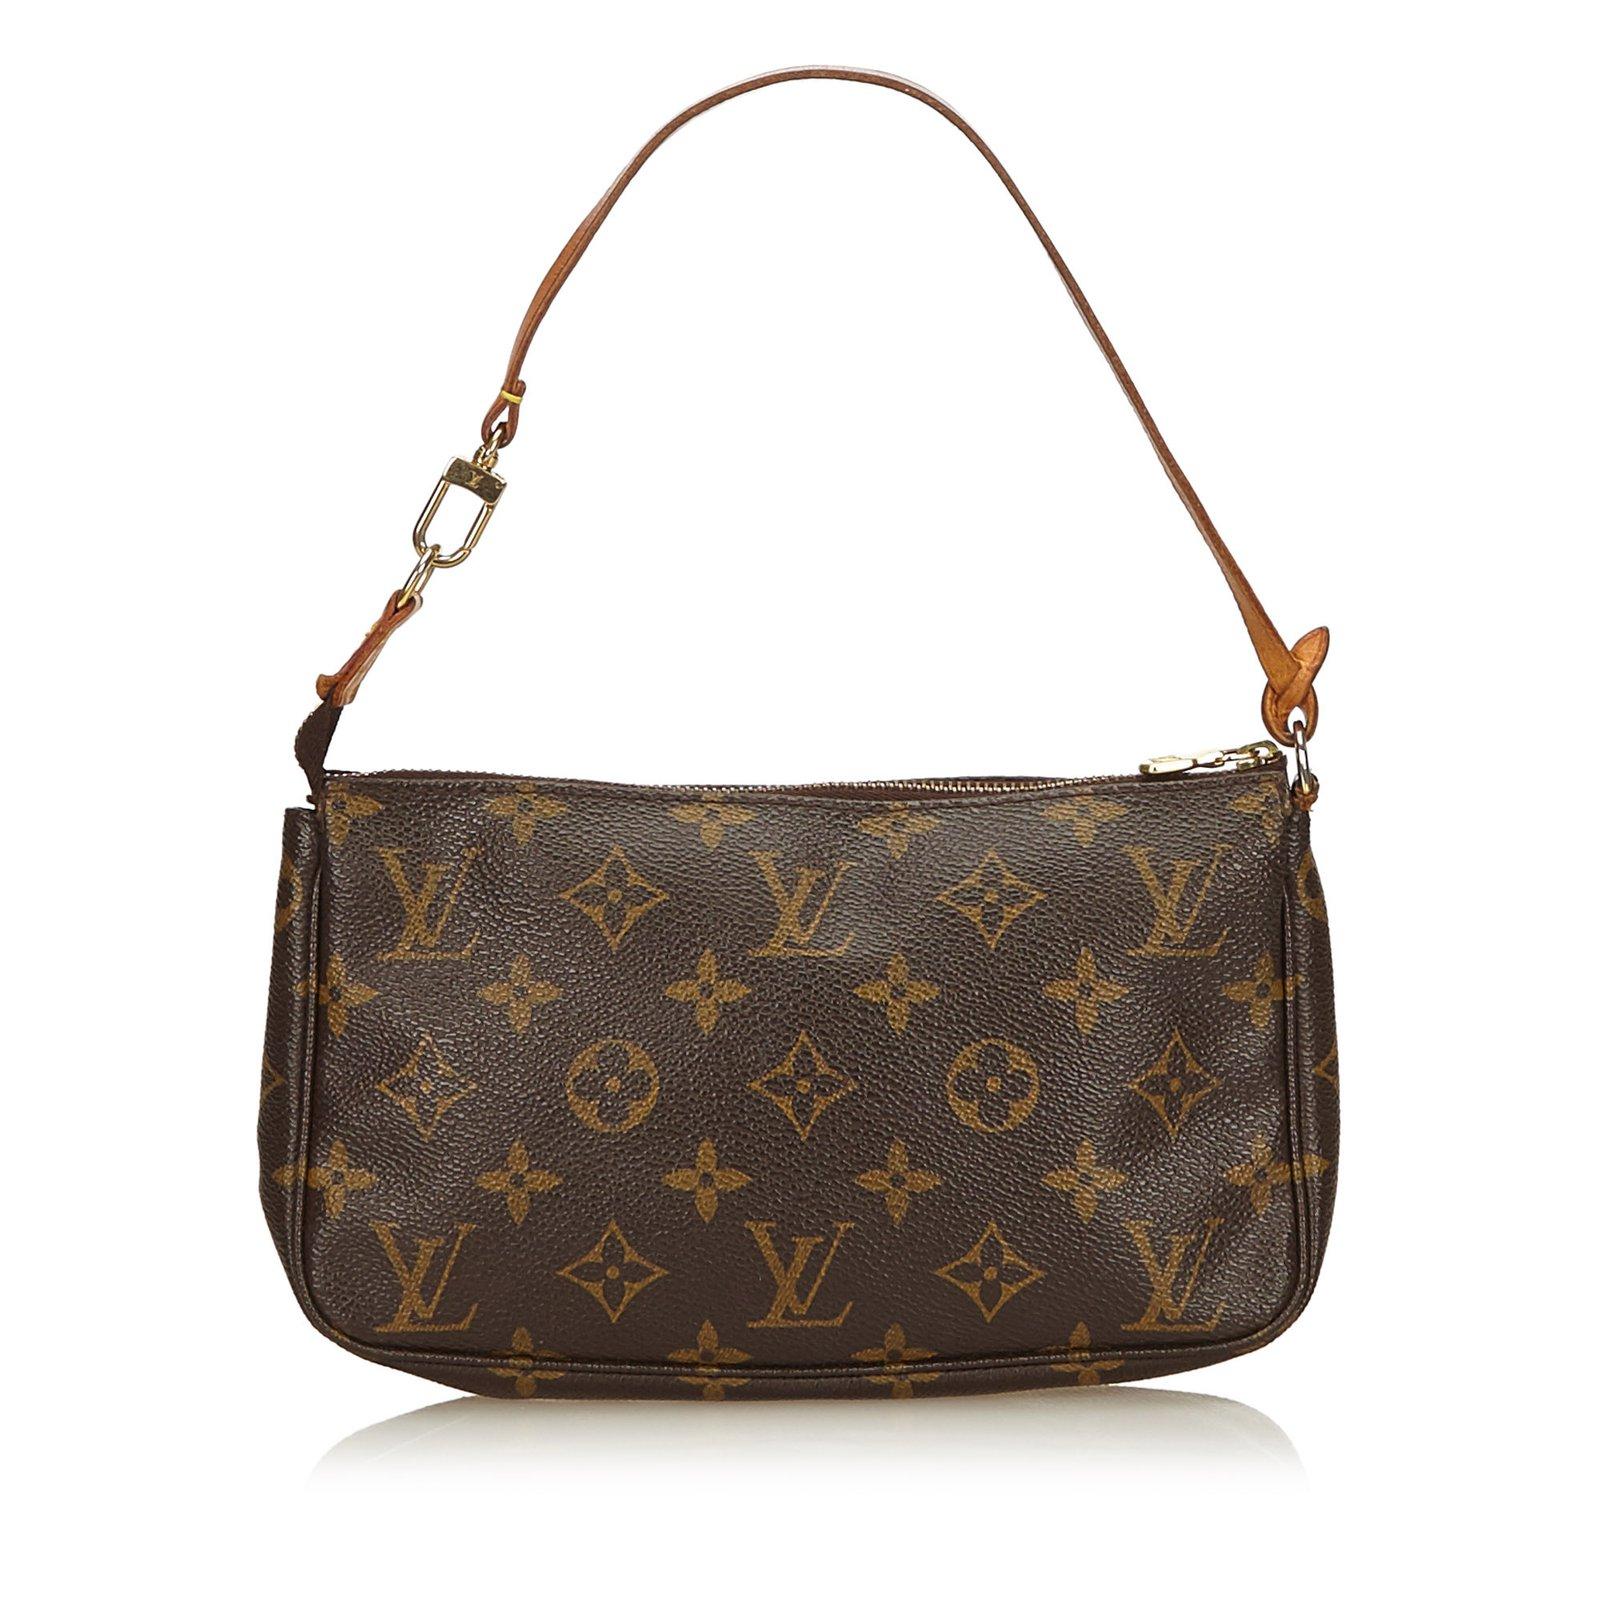 caf7168196 Sacs à main Louis Vuitton Monogram Pochette Accessoires Cuir,Toile Marron  ref.91546 ...